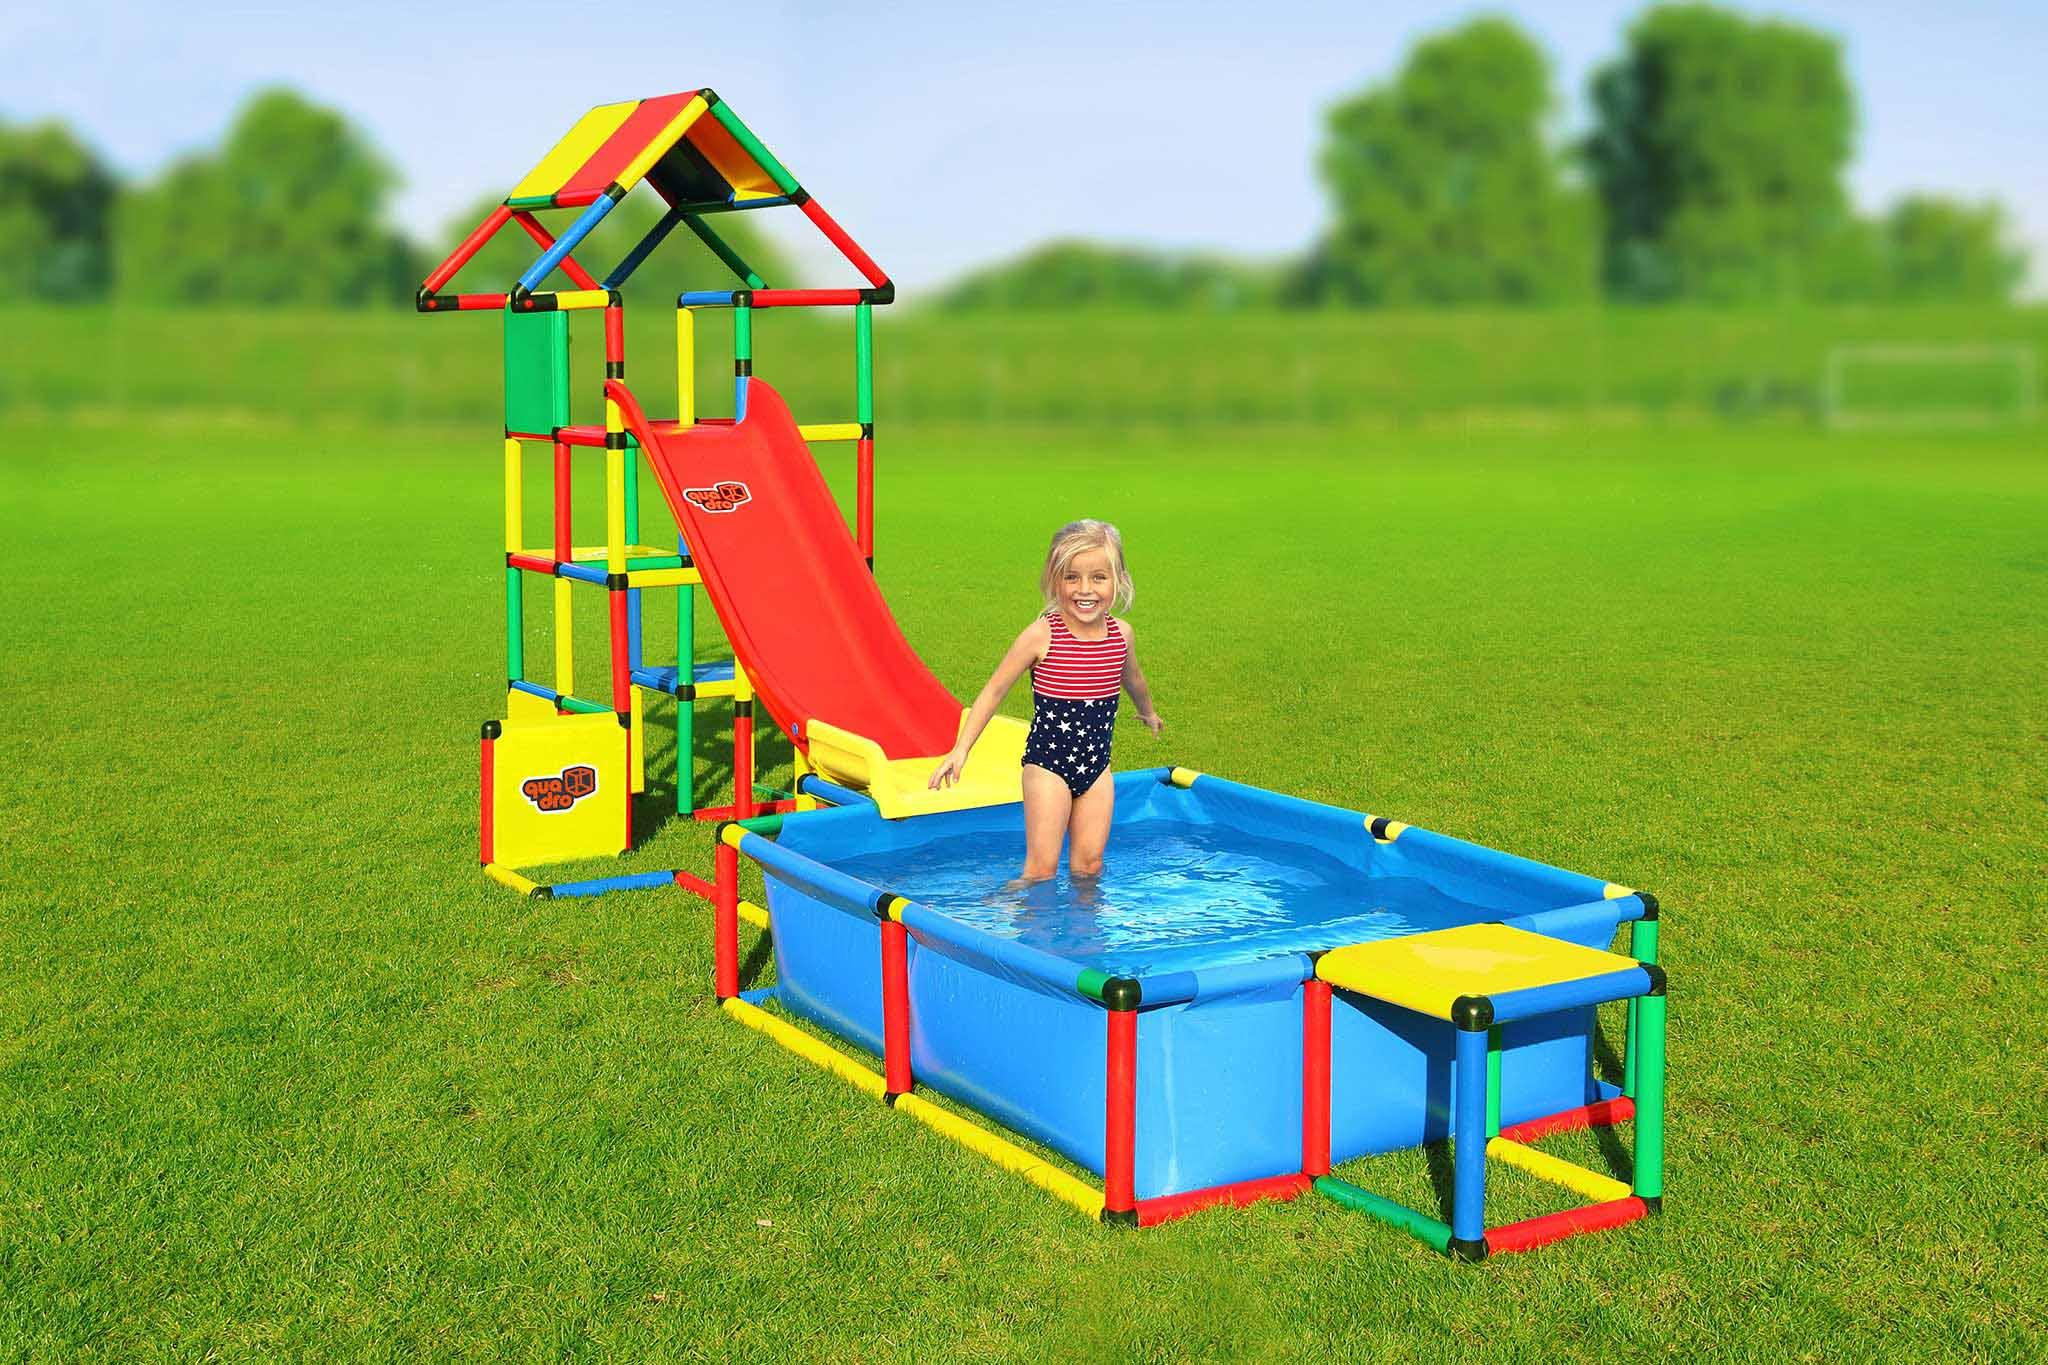 Klettergerüst Für Kinder : Kindergarten speichersdorf